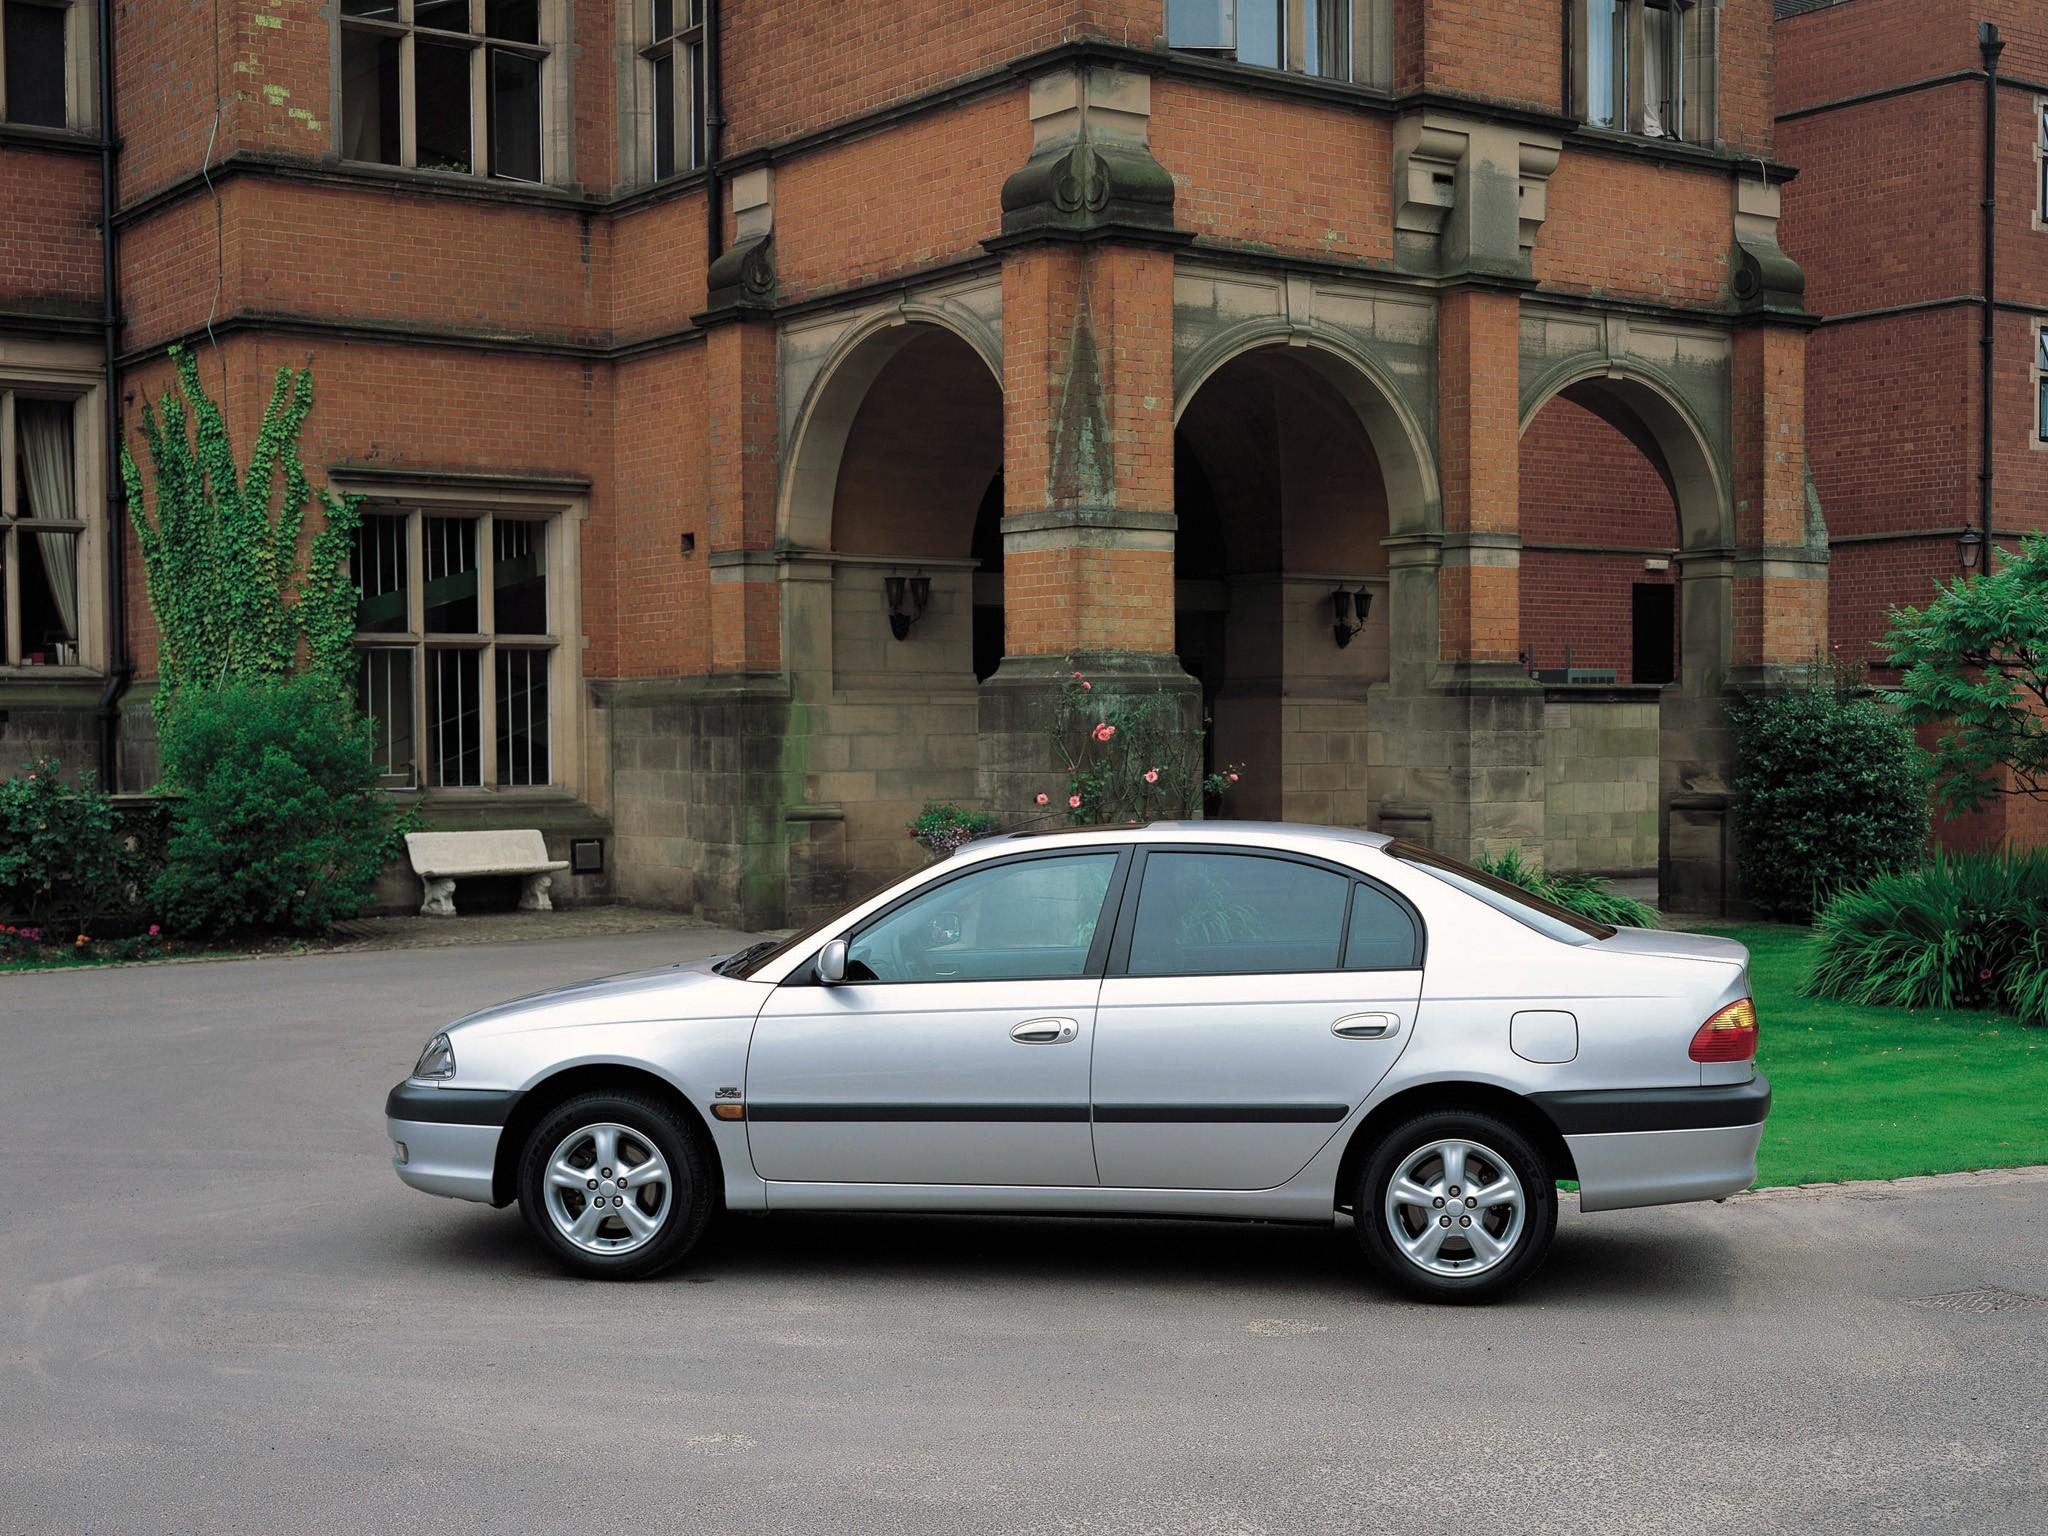 TOYOTA Avensis specs & photos - 2000, 2001, 2002, 2003 - autoevolution